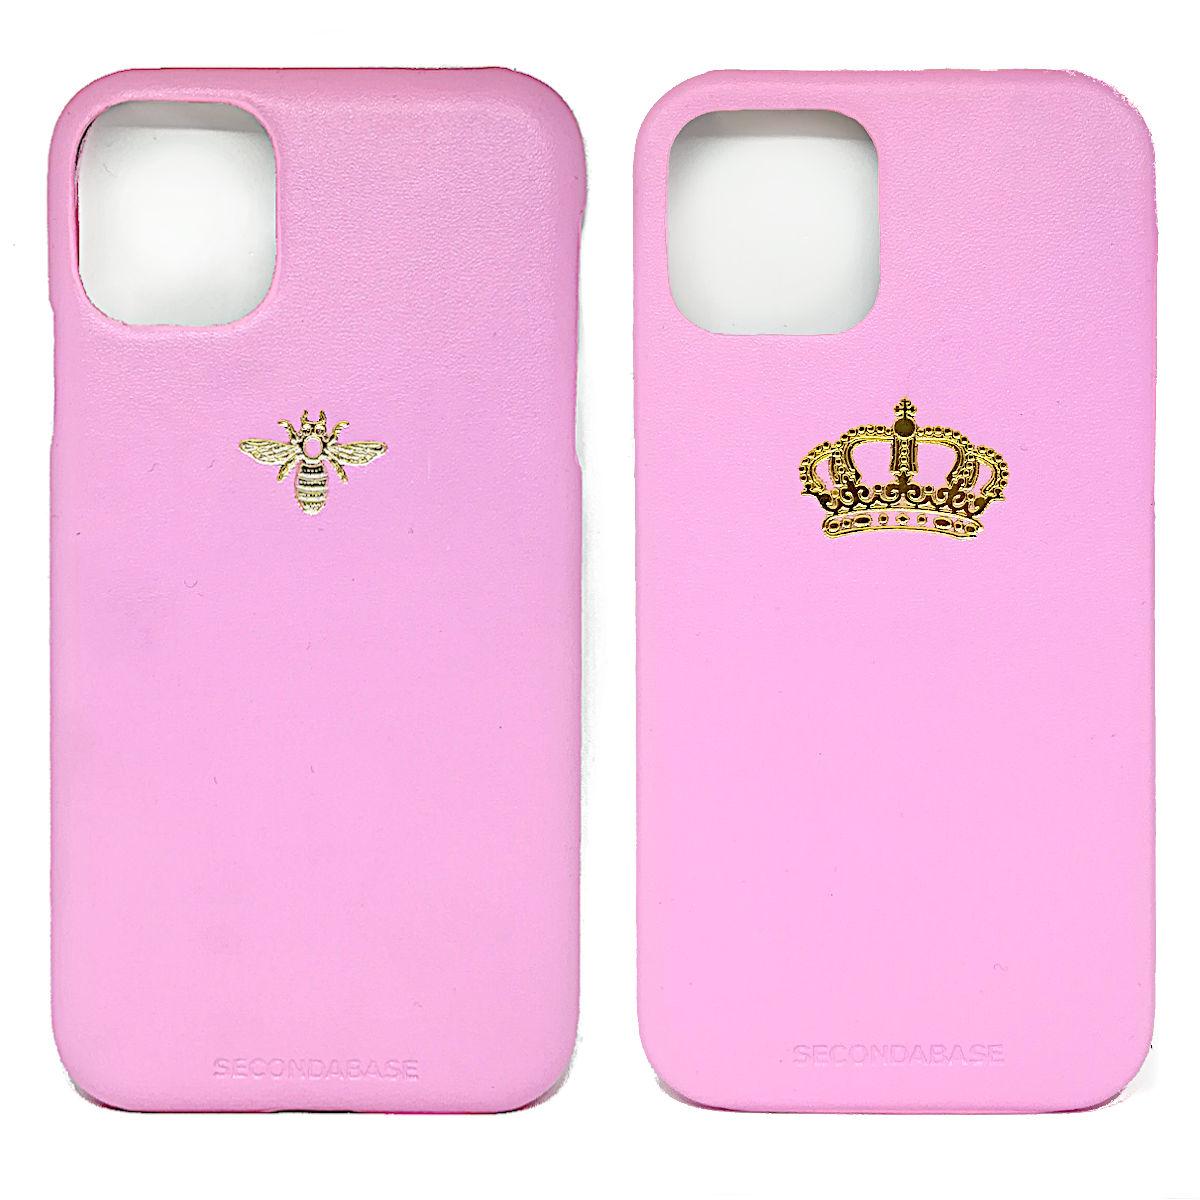 Cover in ecopelle rosa marchiata oro a caldo per iPhone 12, 12 Pro, 12 Mini, 12 Pro Max